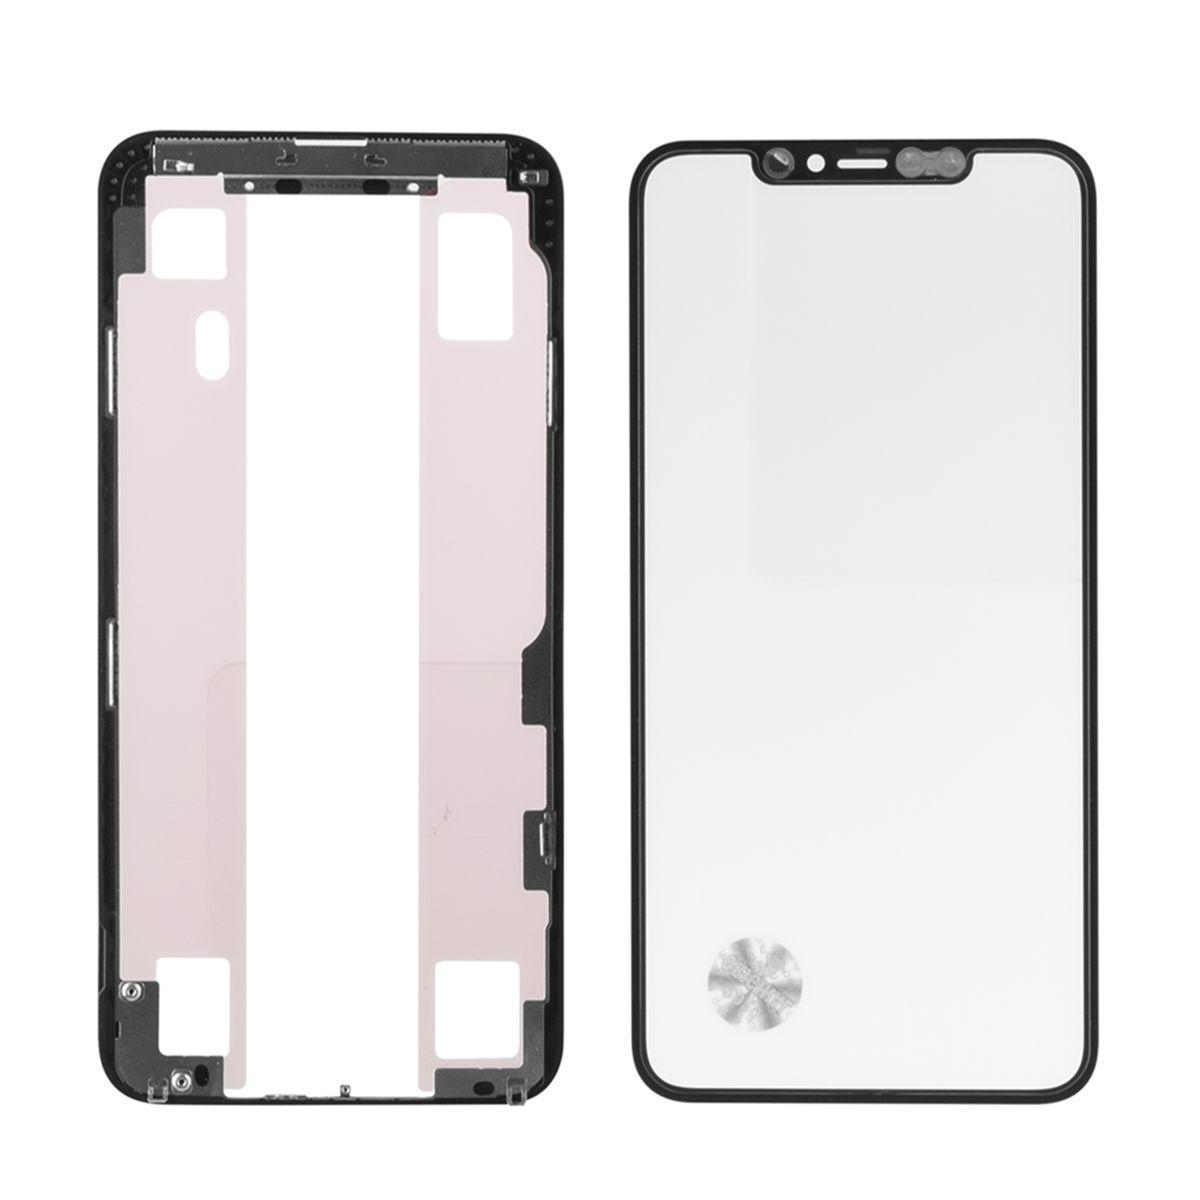 Стекло дисплей для iPhone 11 Pro Max (6.5*) (3 в 1) с рамкой и OCA пленкой, Black